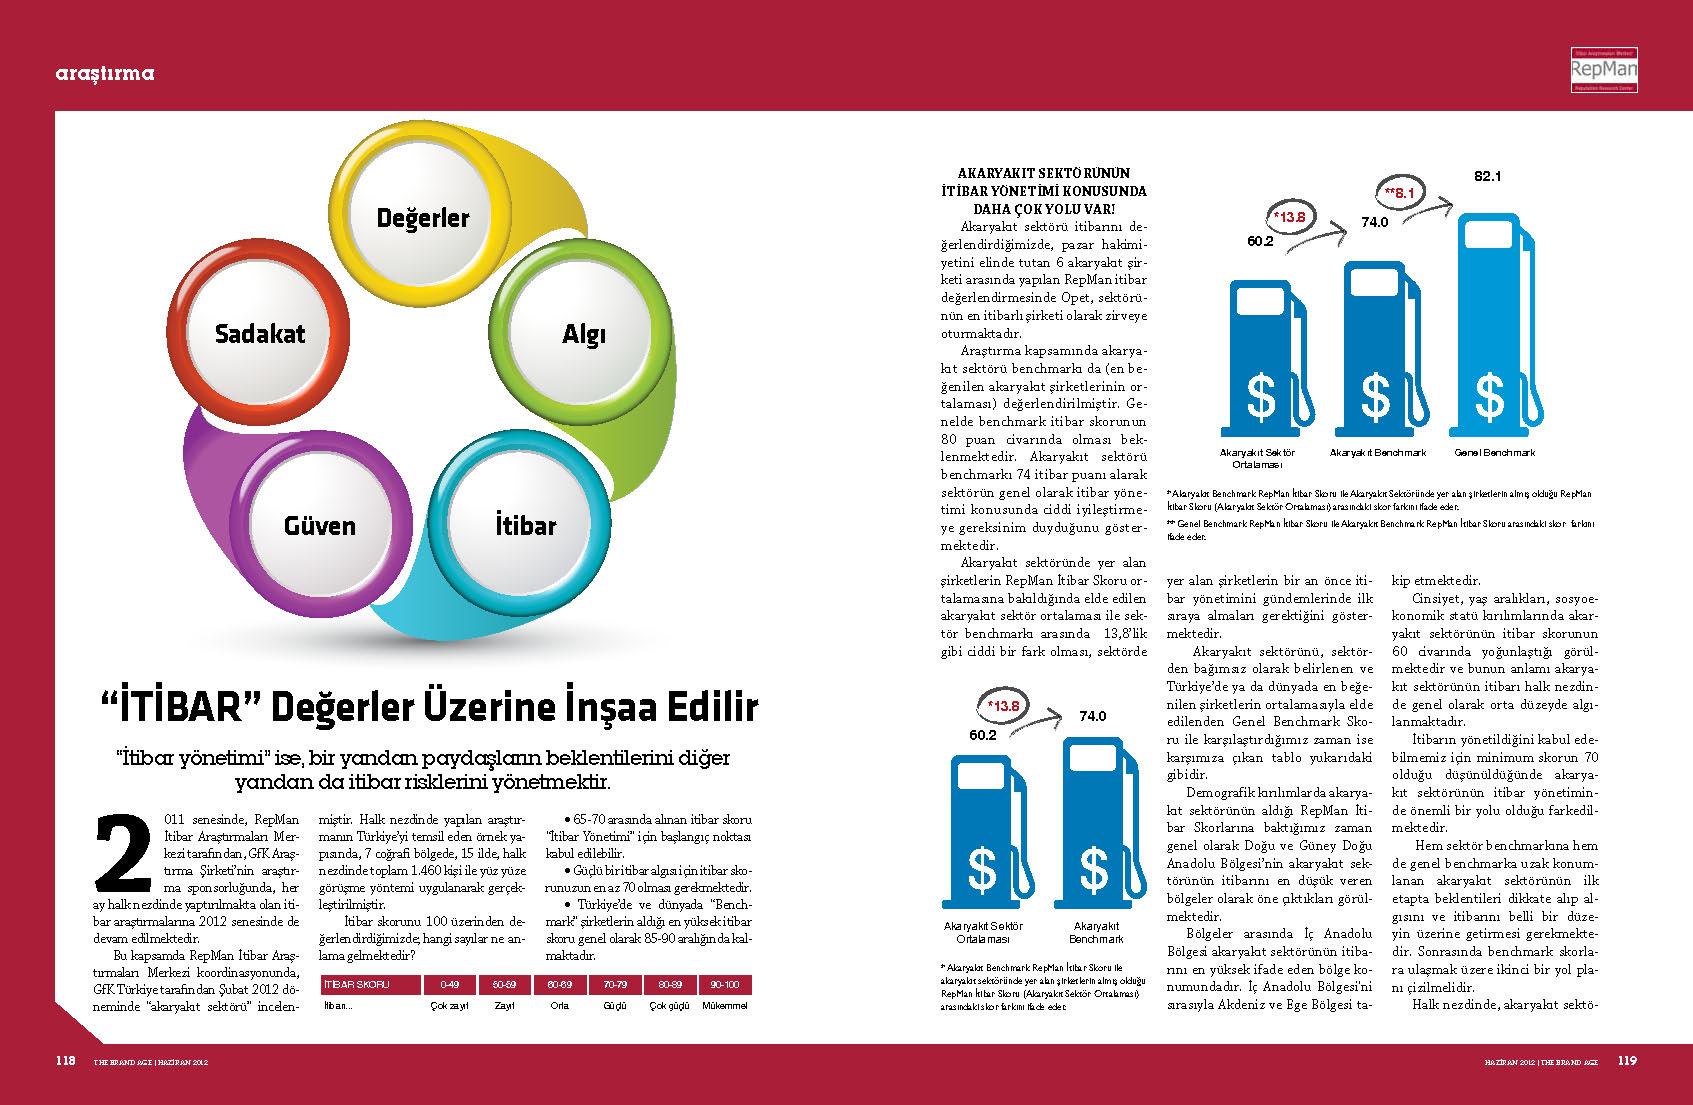 201206_REPMAN_HAZIRAN_2012_Page_1